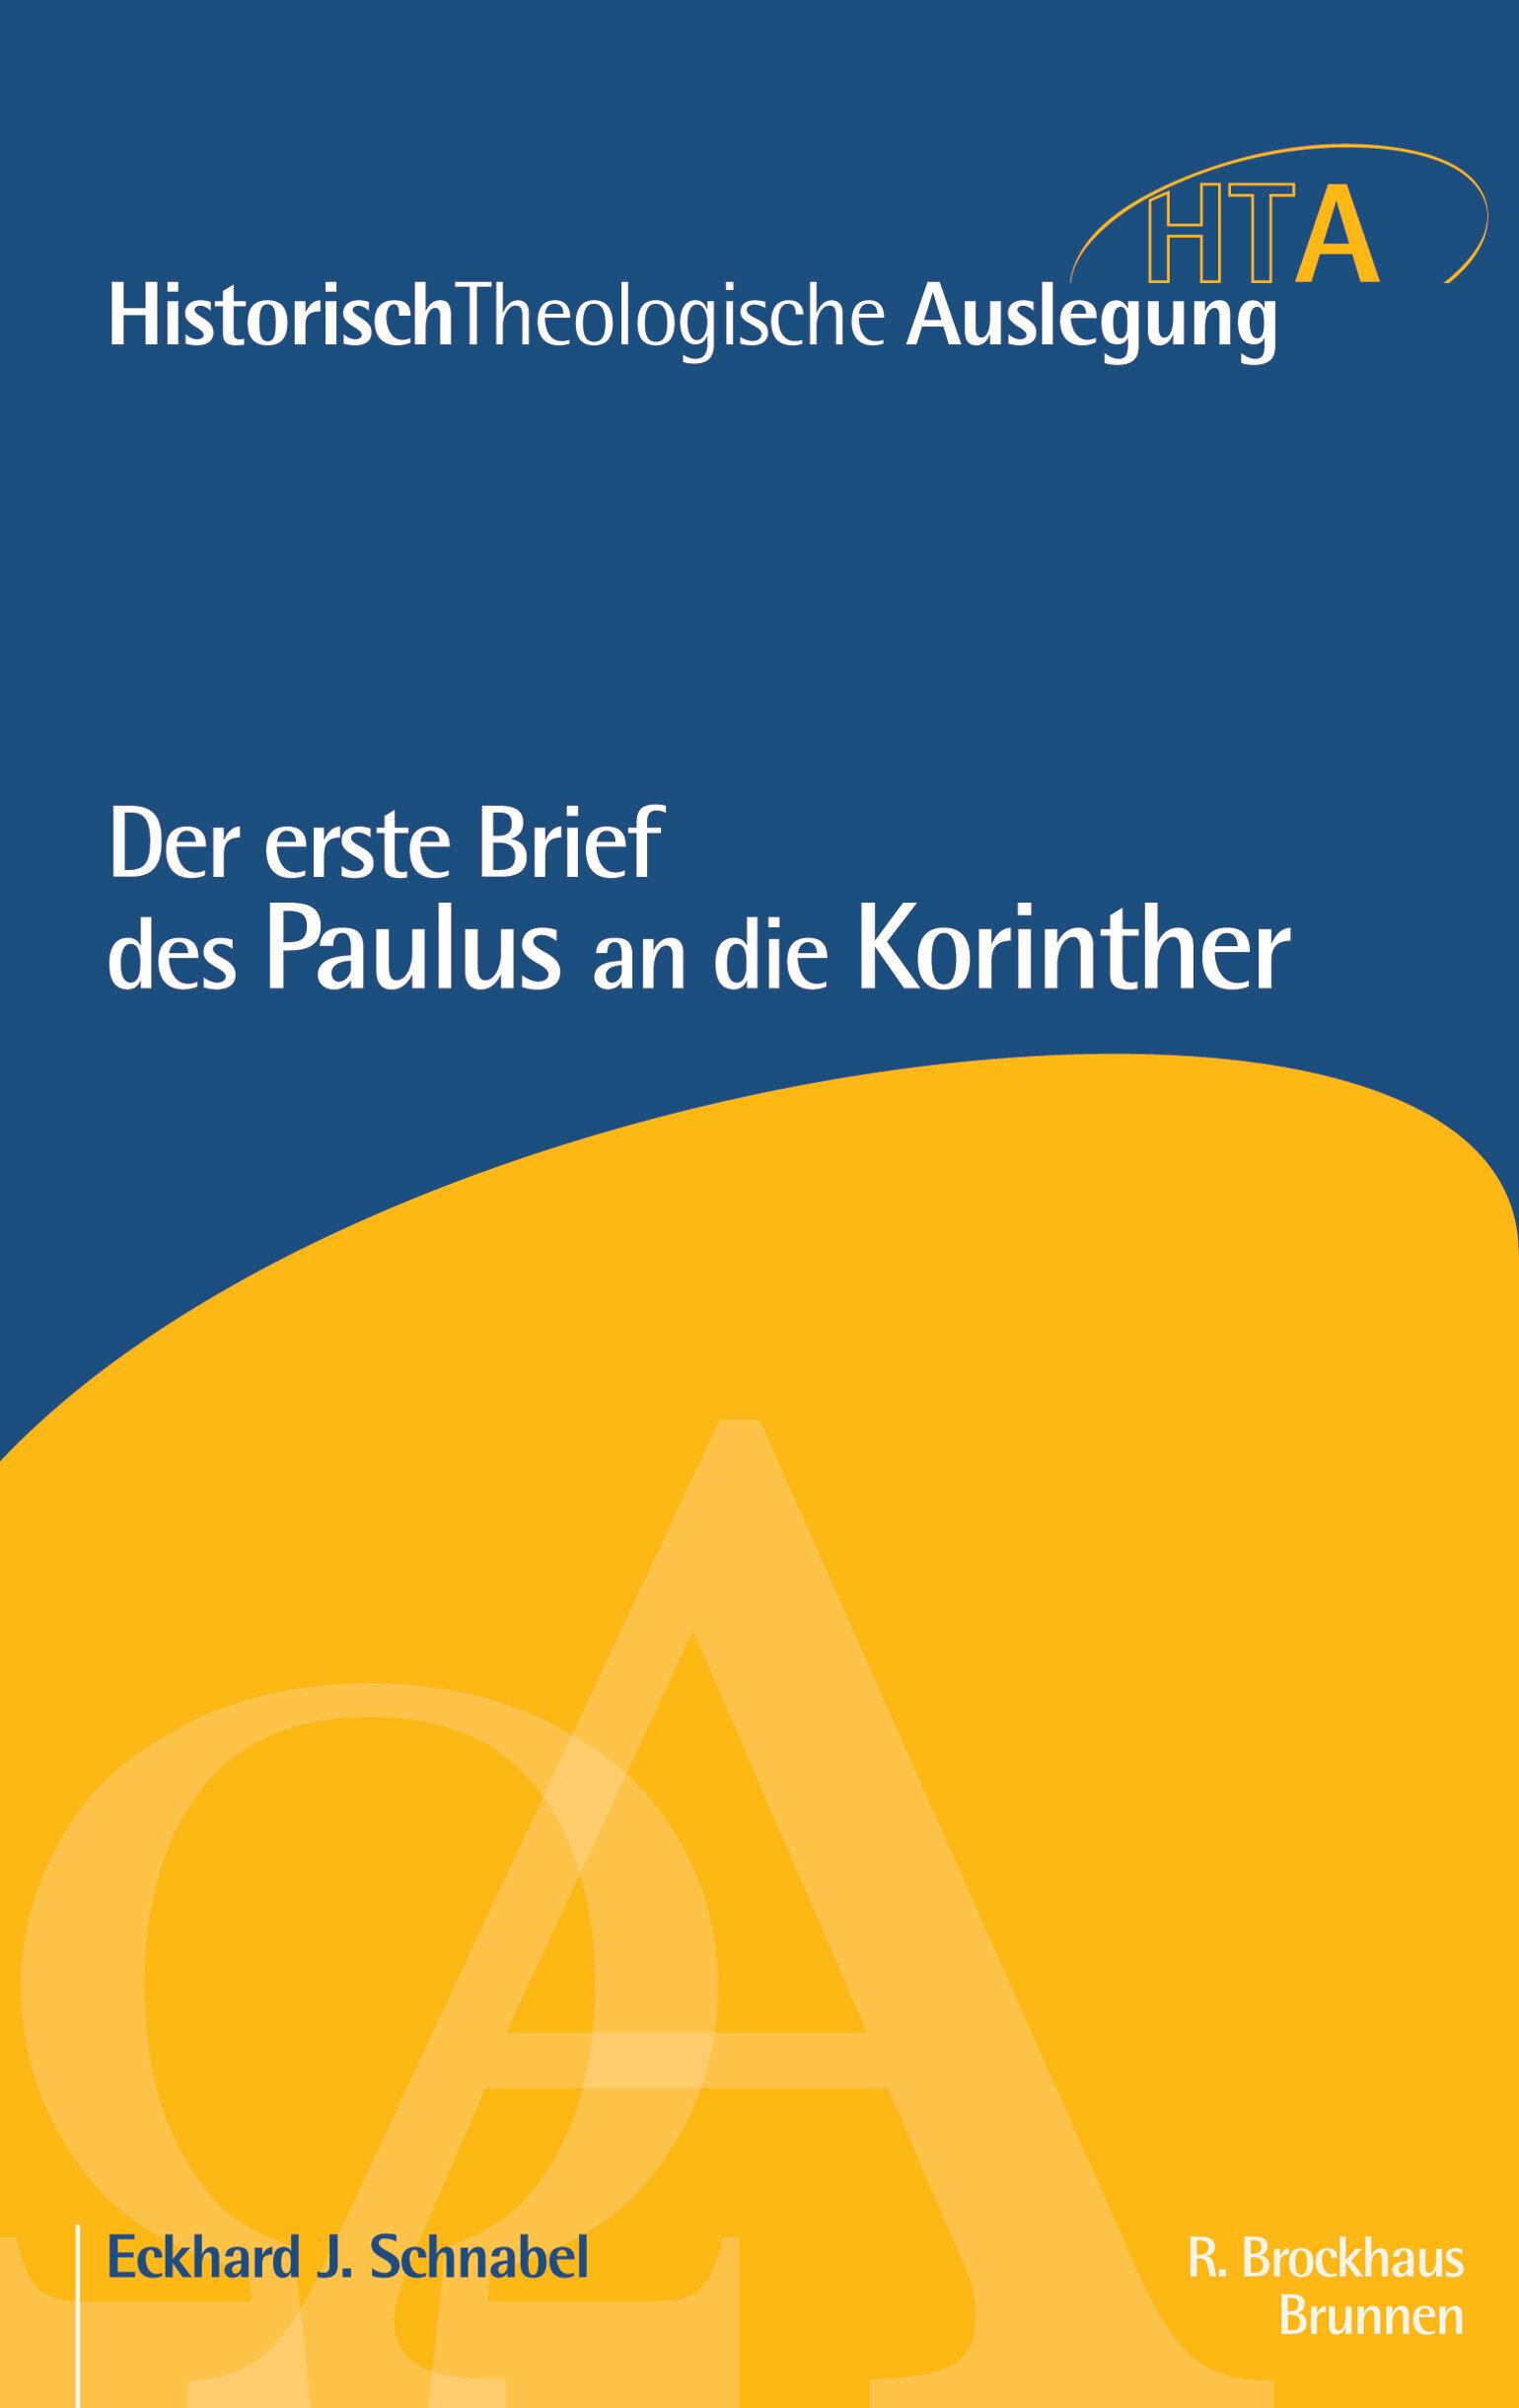 Der erste Brief des Paulus an die Korinther (Historisch-Theologische Auslegung | HTA)